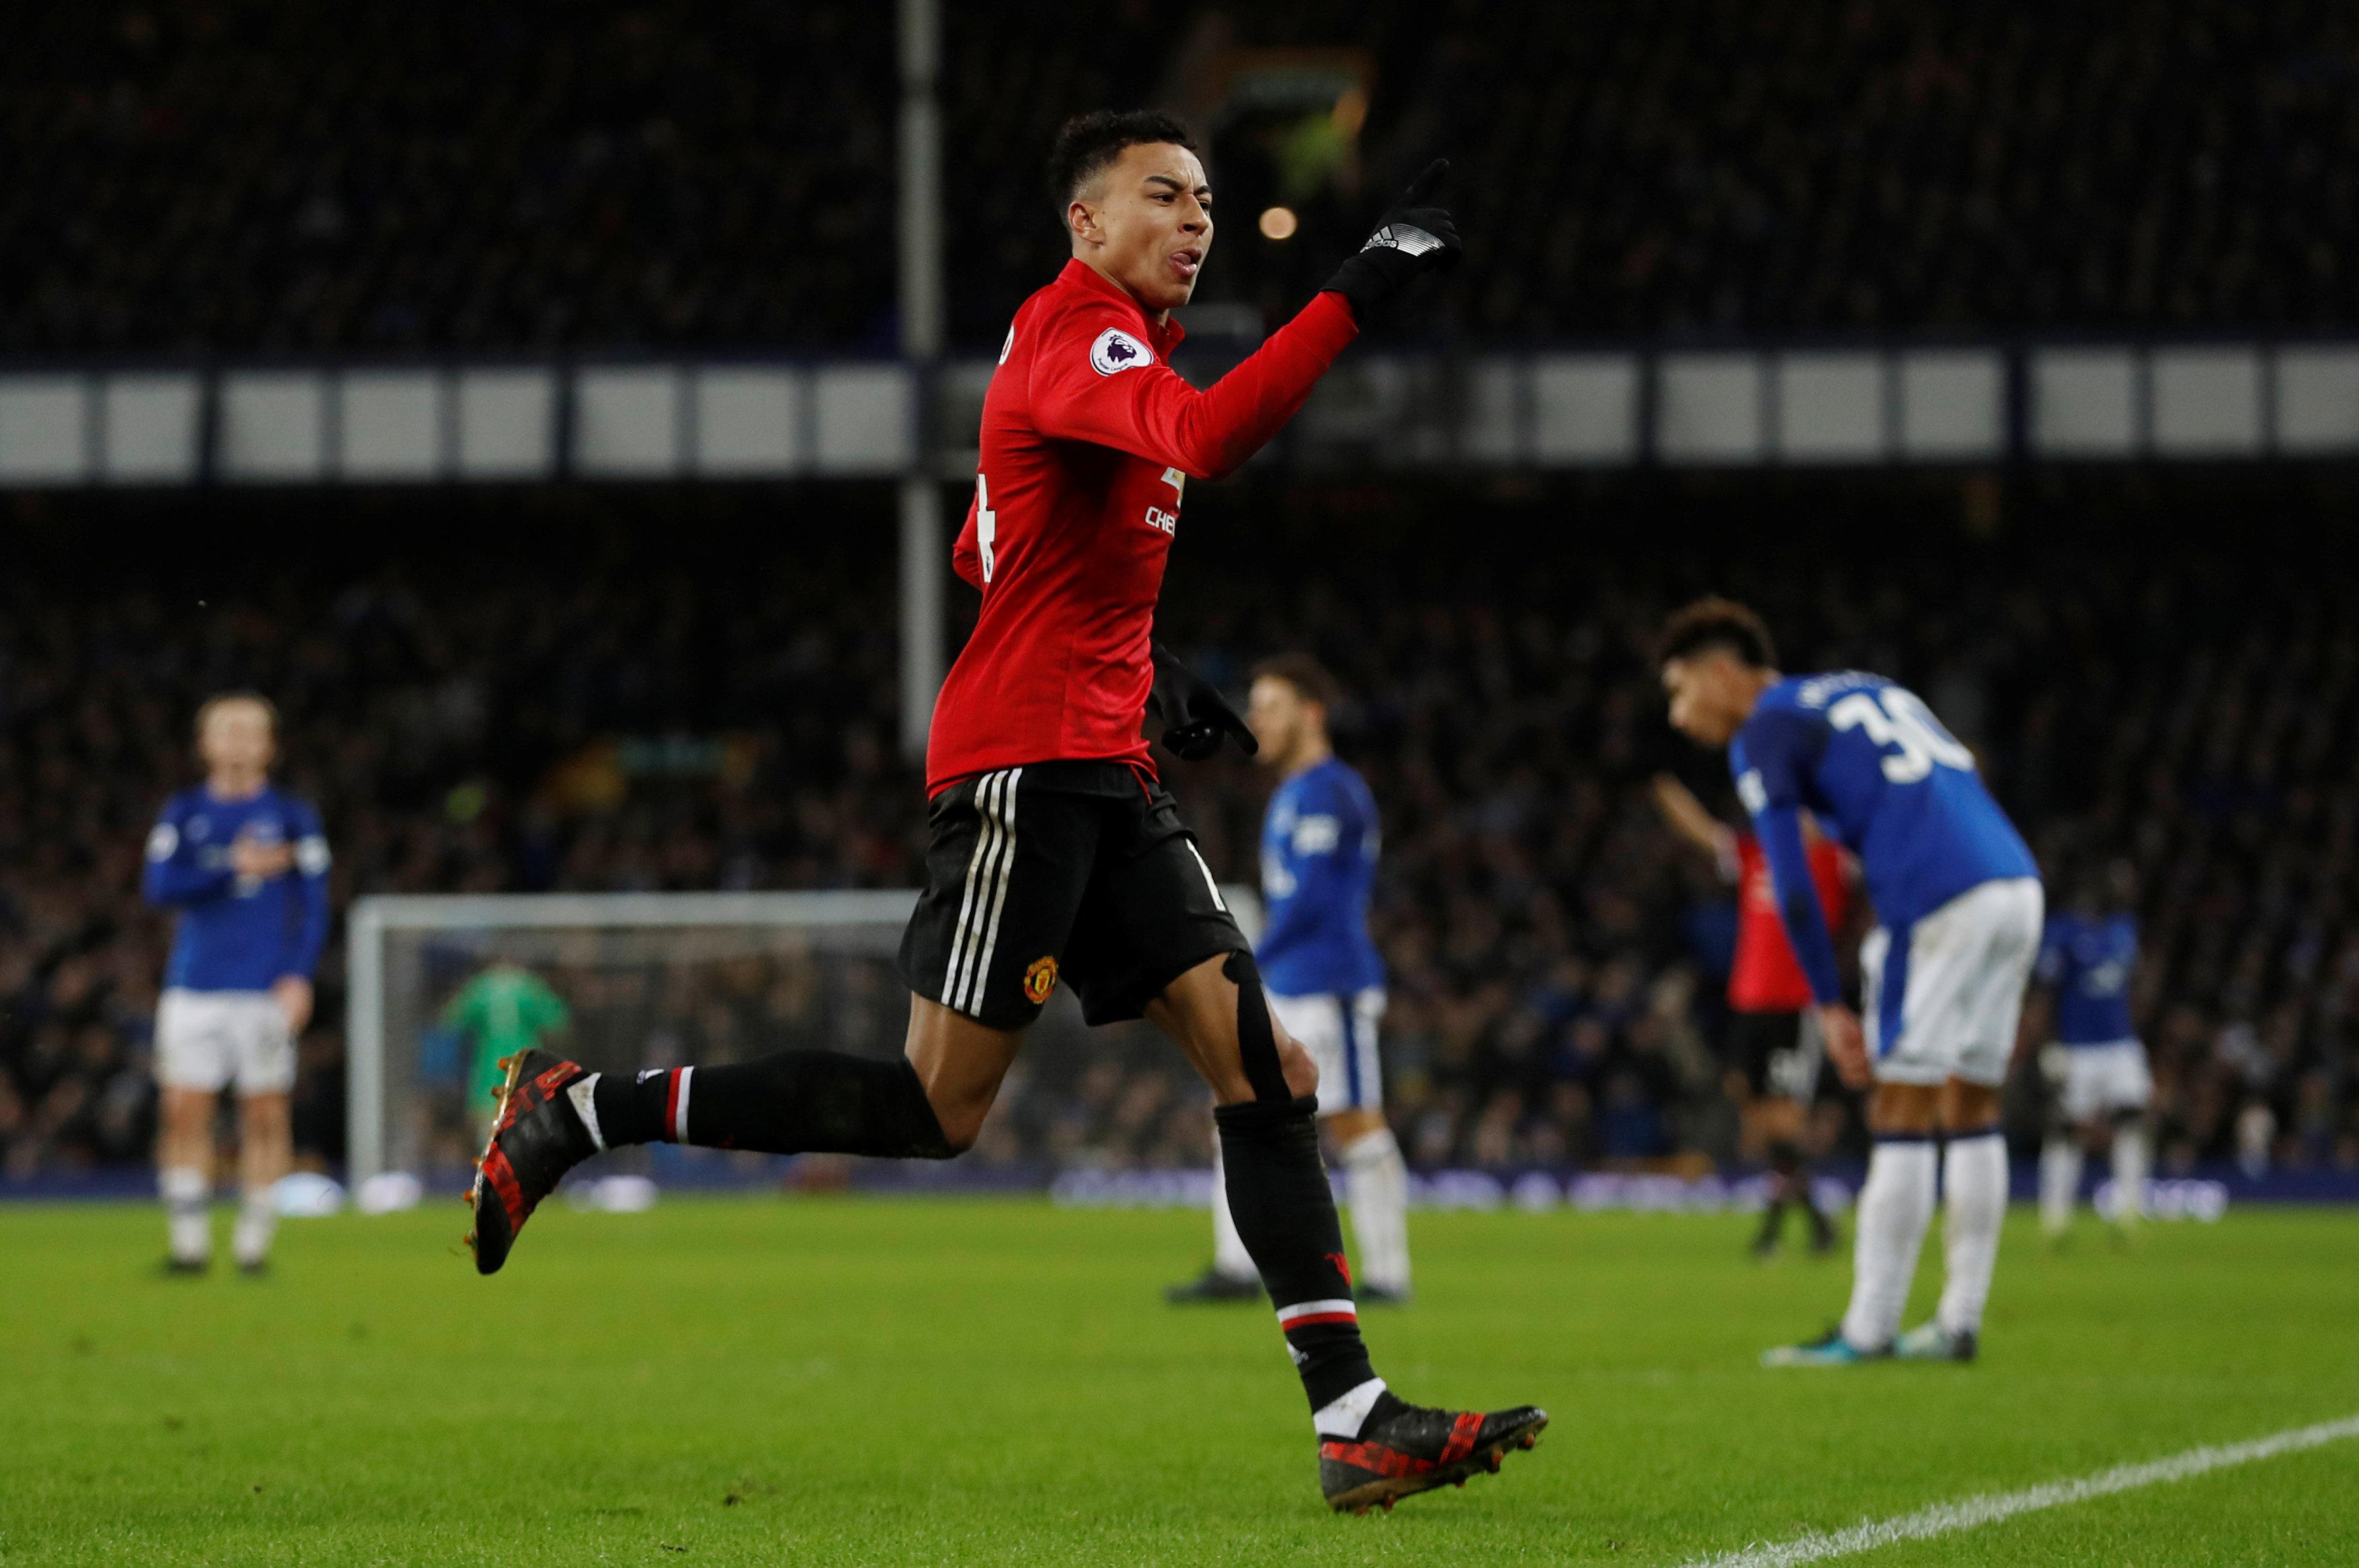 Niềm vui của Lingard sau khi nâng tỉ số lên 2-0 cho M.U. Ảnh: REUTERS